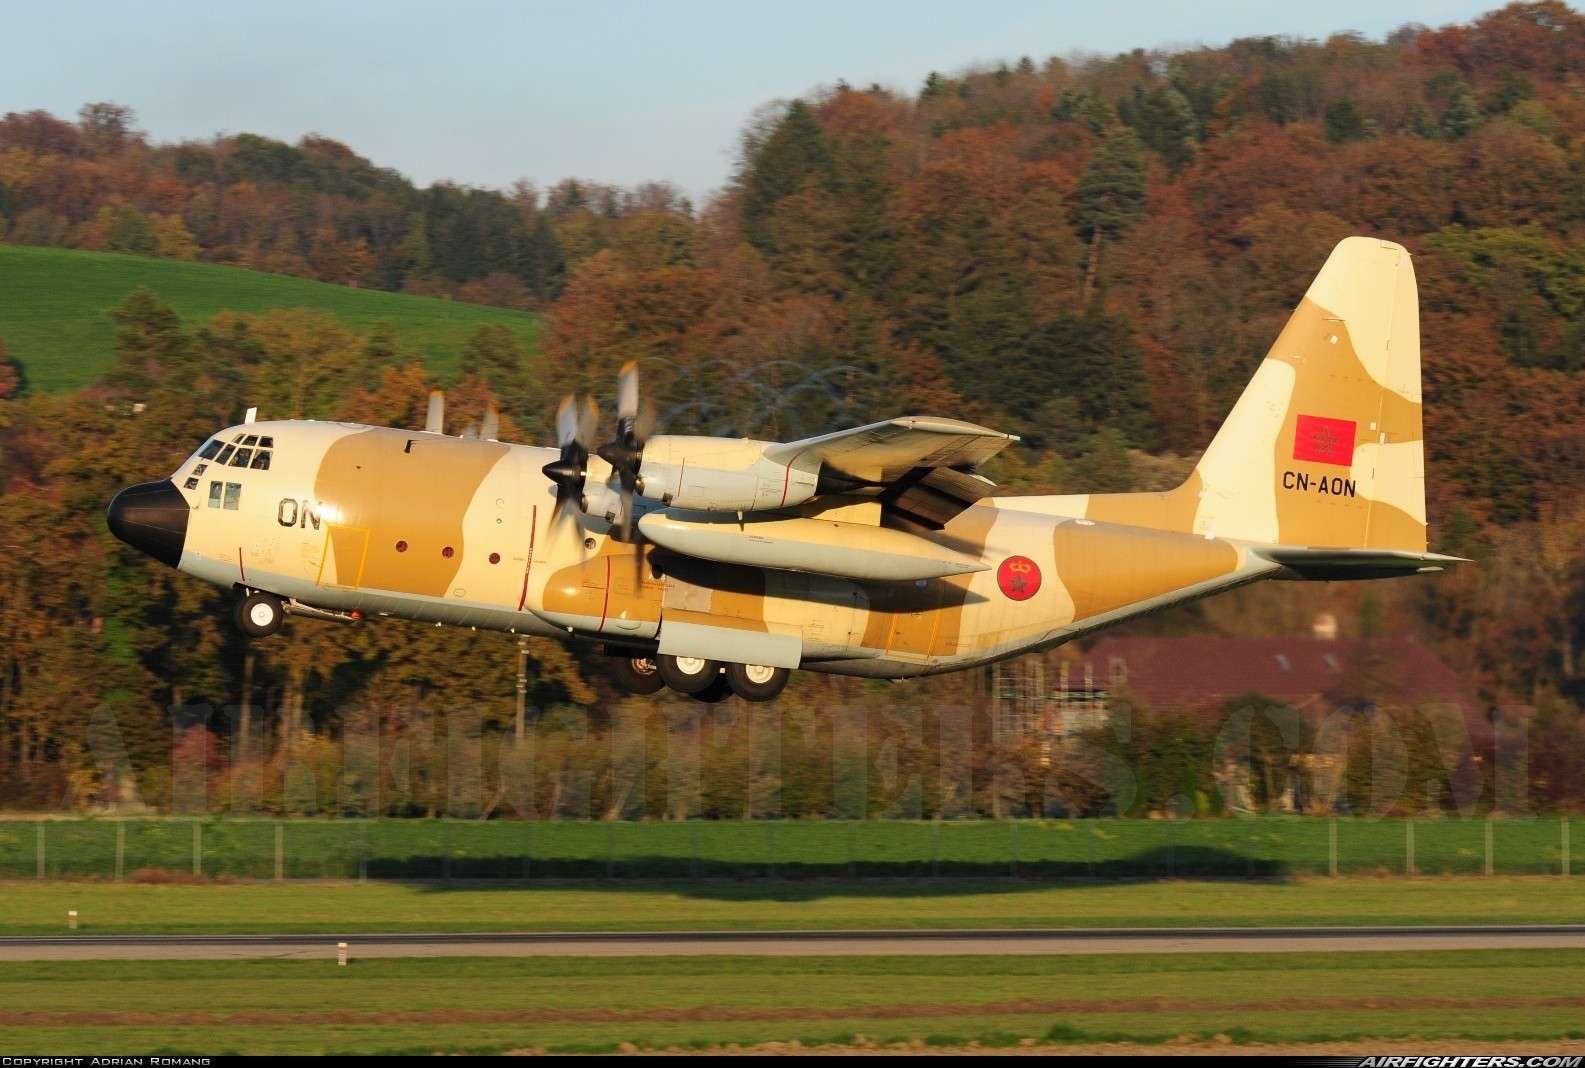 FRA: Photos d'avions de transport - Page 20 Photo_11